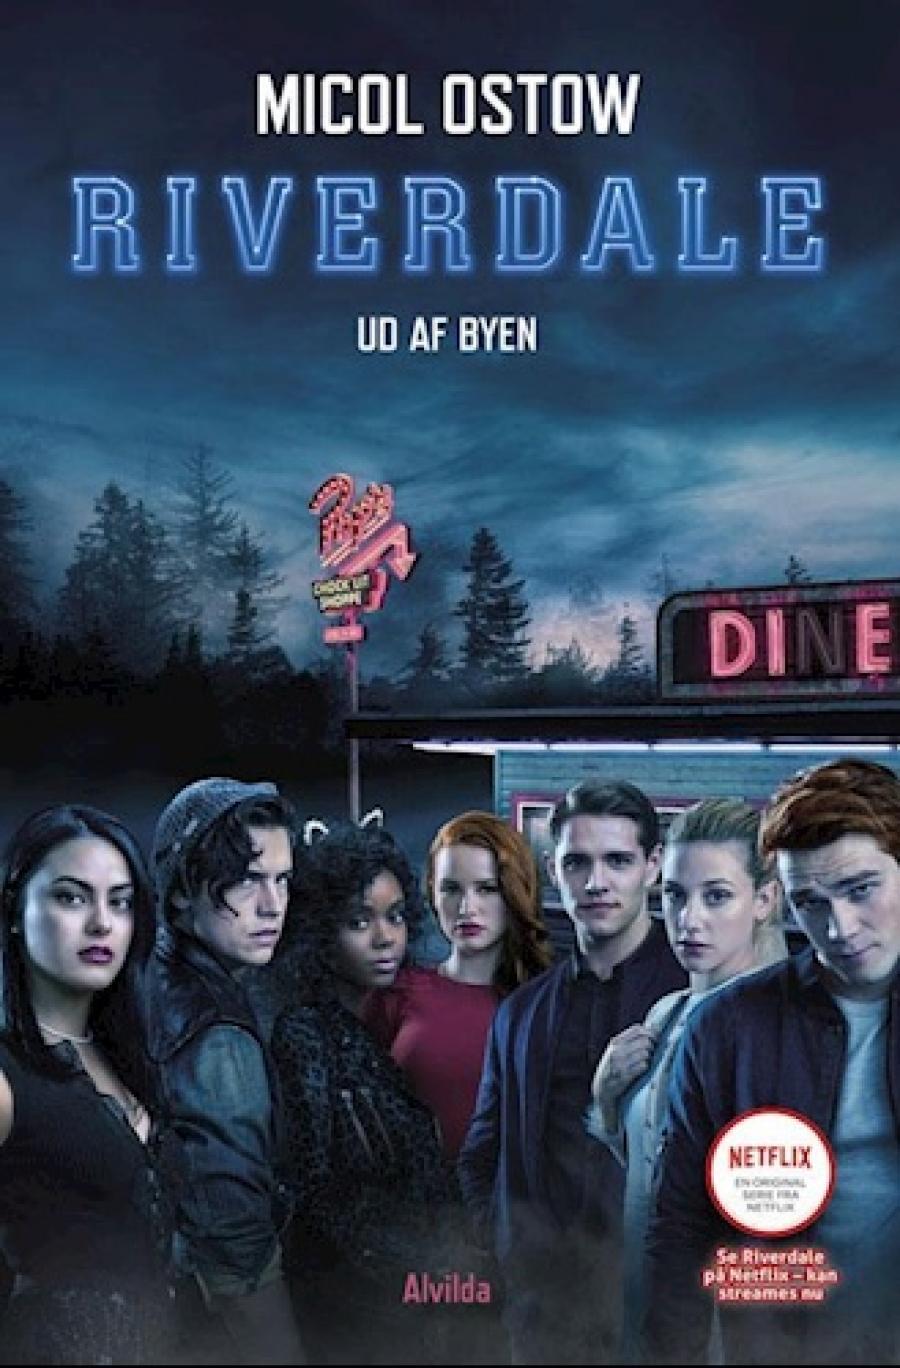 Riverdale - ud af byen af Micol Ostow